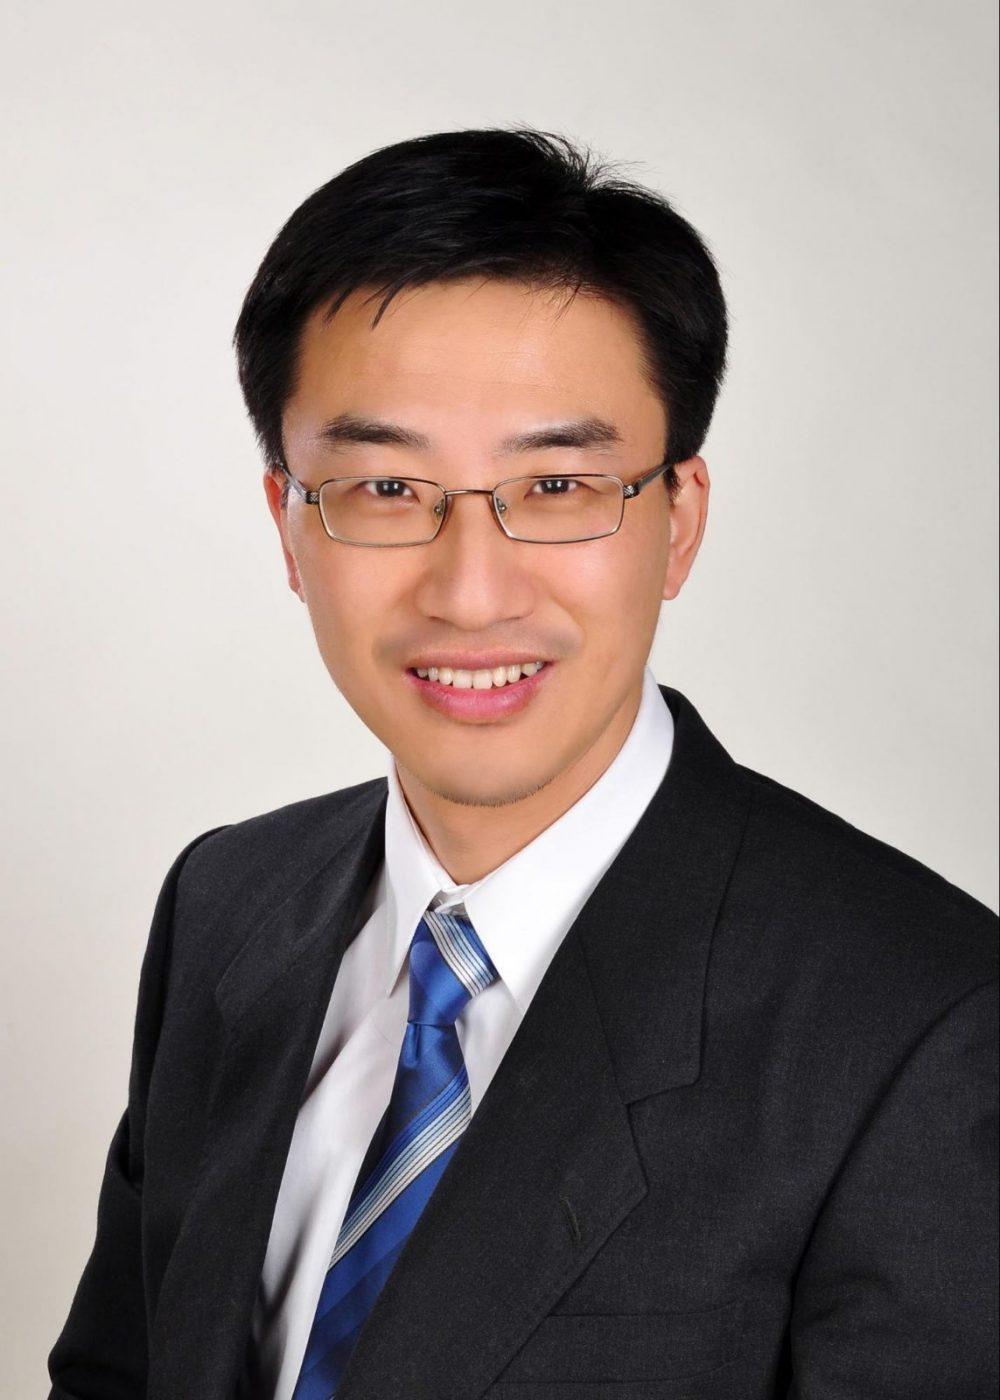 Dr. Tony Zhou, DMD, Milton